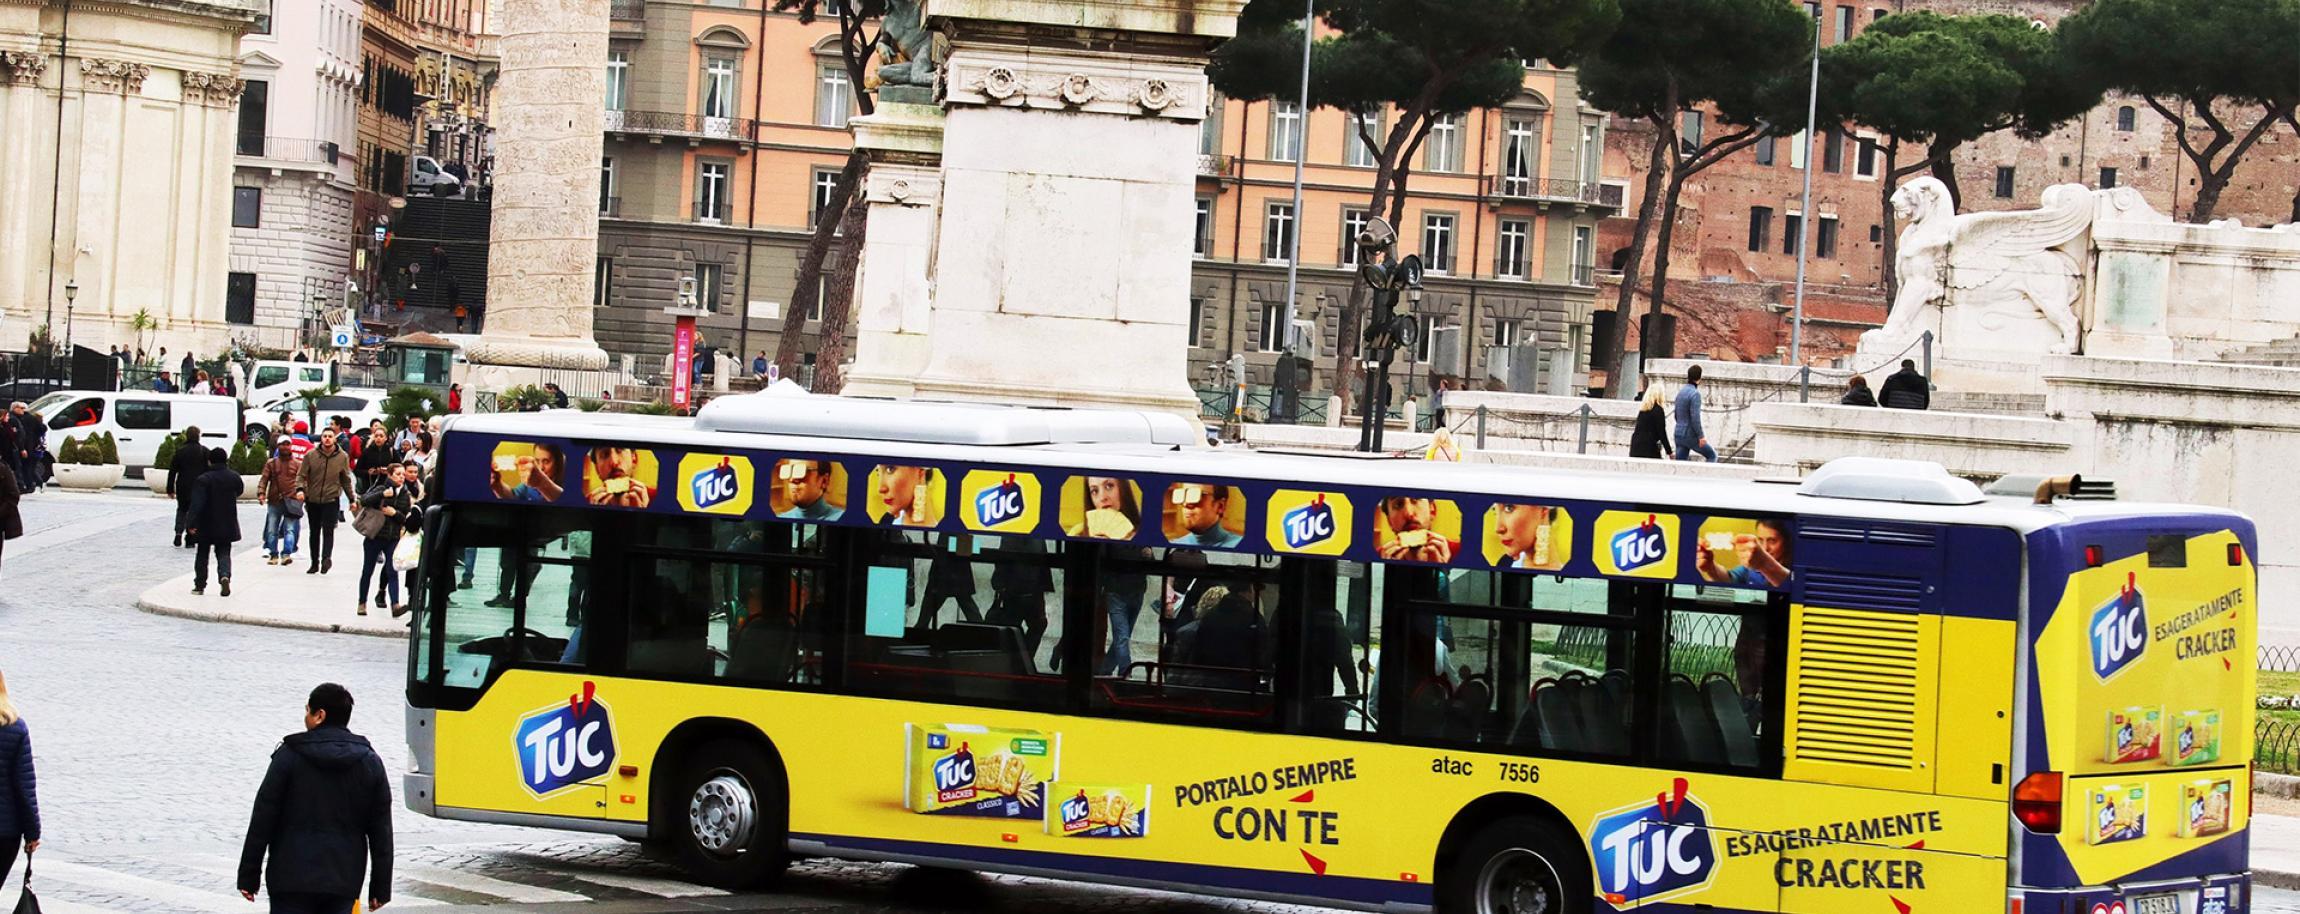 Autobus decorato a Roma